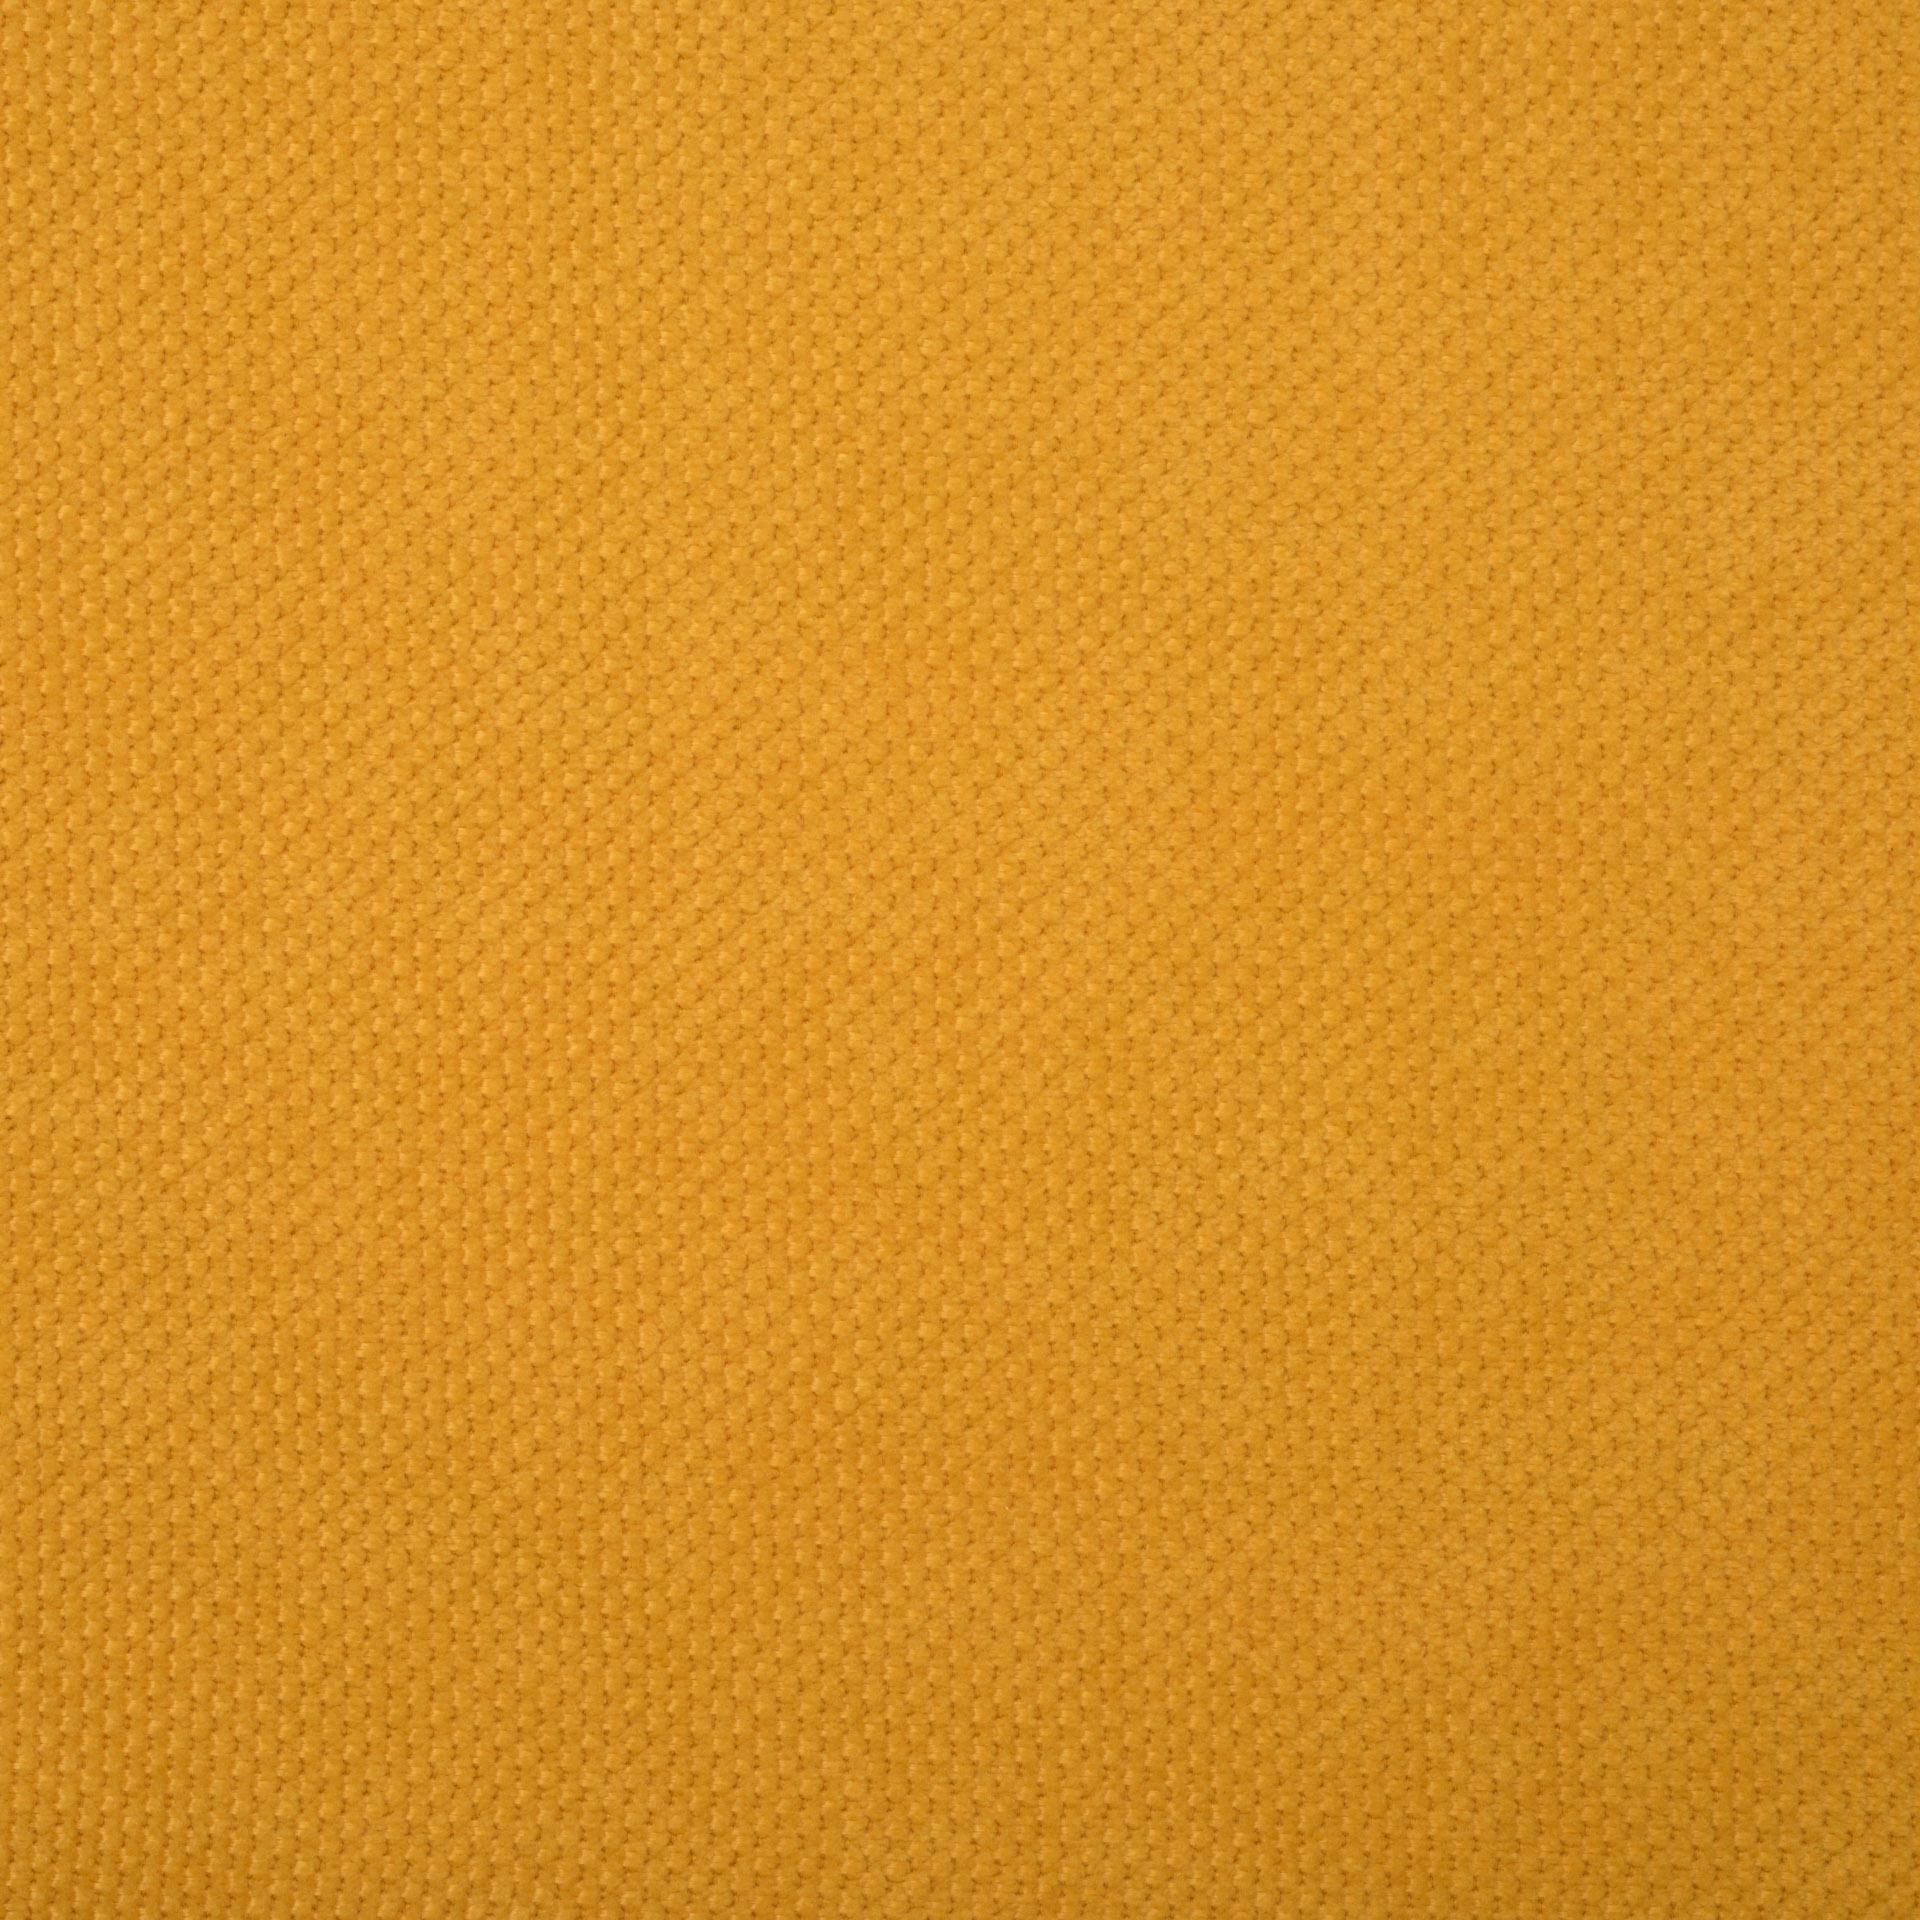 Коллекция ткани Дели 14 YELLOW,  купить ткань Жаккард для мебели Украина